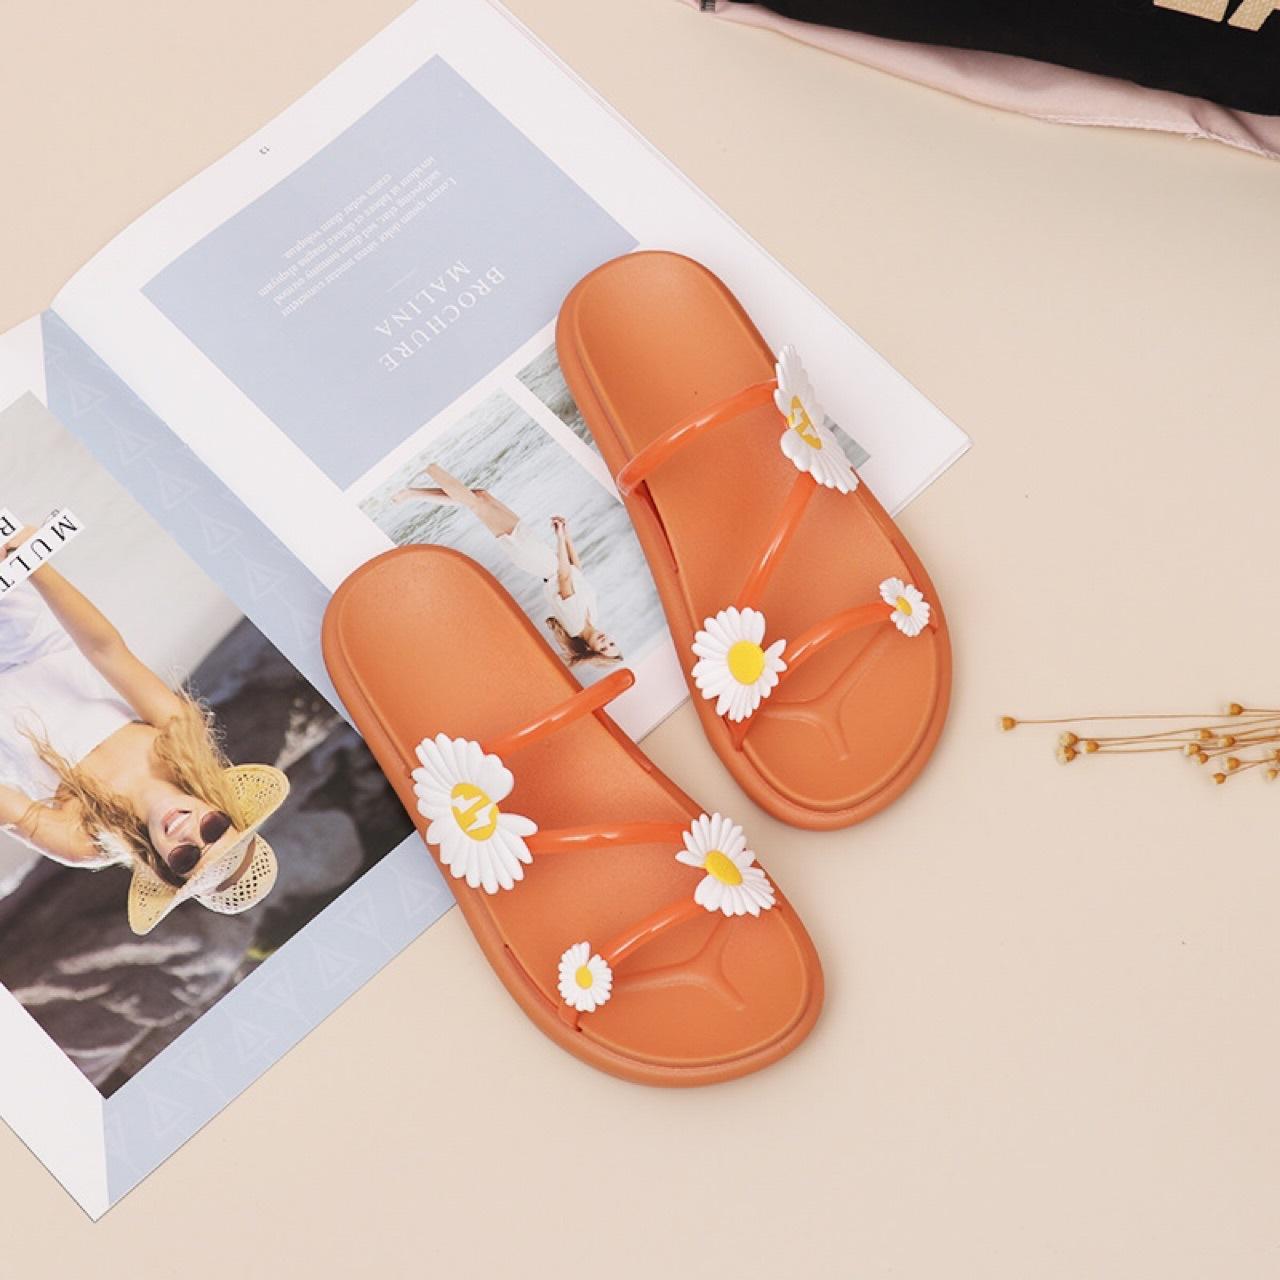 Последние15 из летних мужских женских платформы тапочки повседневные плоские туфли женские сандалии тапочки рыбацкие туфли полузапчатая обувь.